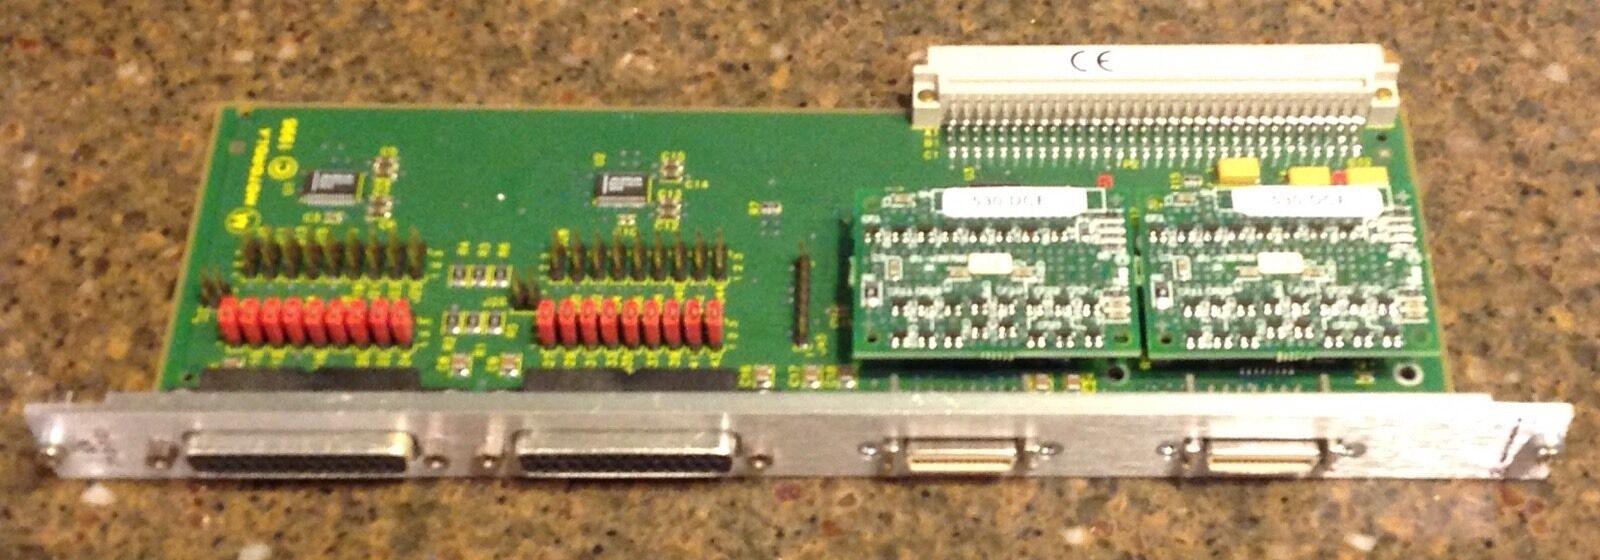 Motgoldla mvme board XR 712-121 01-W3245F 01a serial card